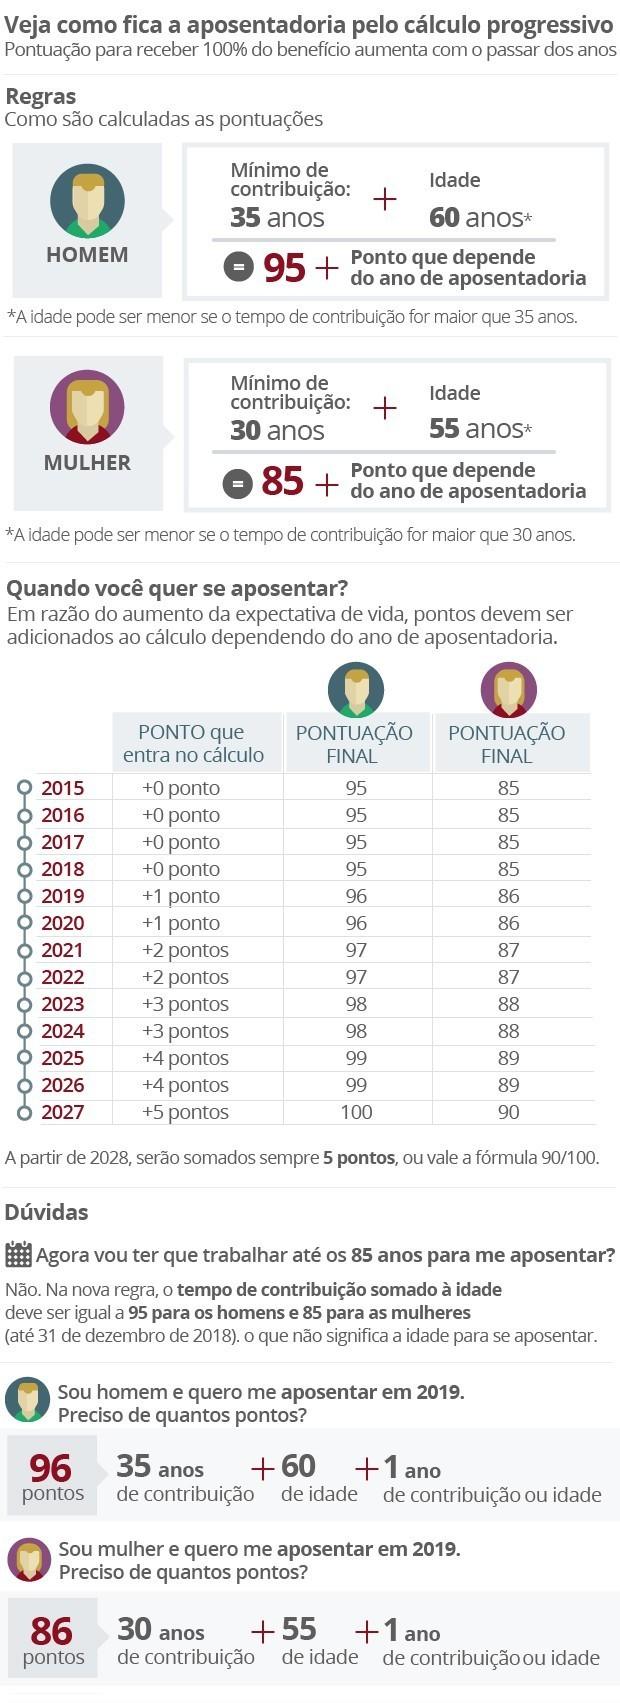 Entenda o novo clculo da aposentadoria aprovado por Dilma nesta quinta-feira05